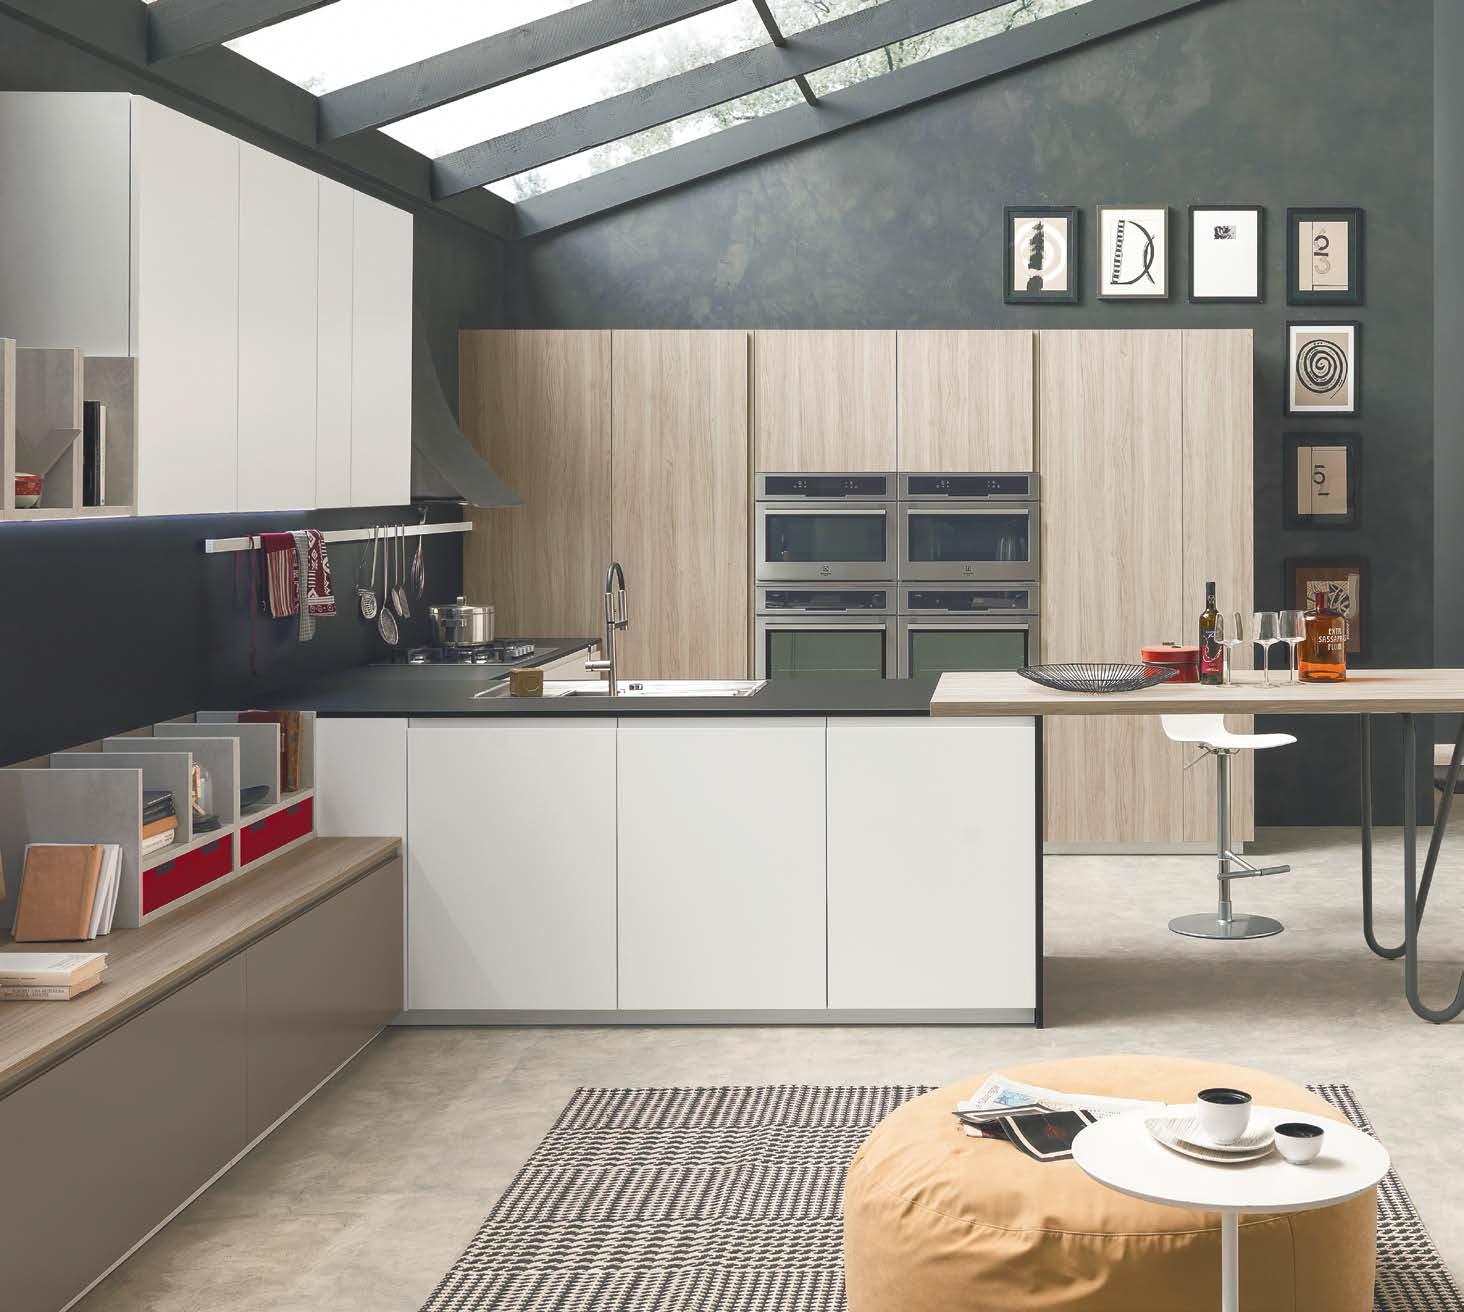 Promozione cucine: 1800€ di sconto | Febal Casa | Cucine FEBAL CASA ...